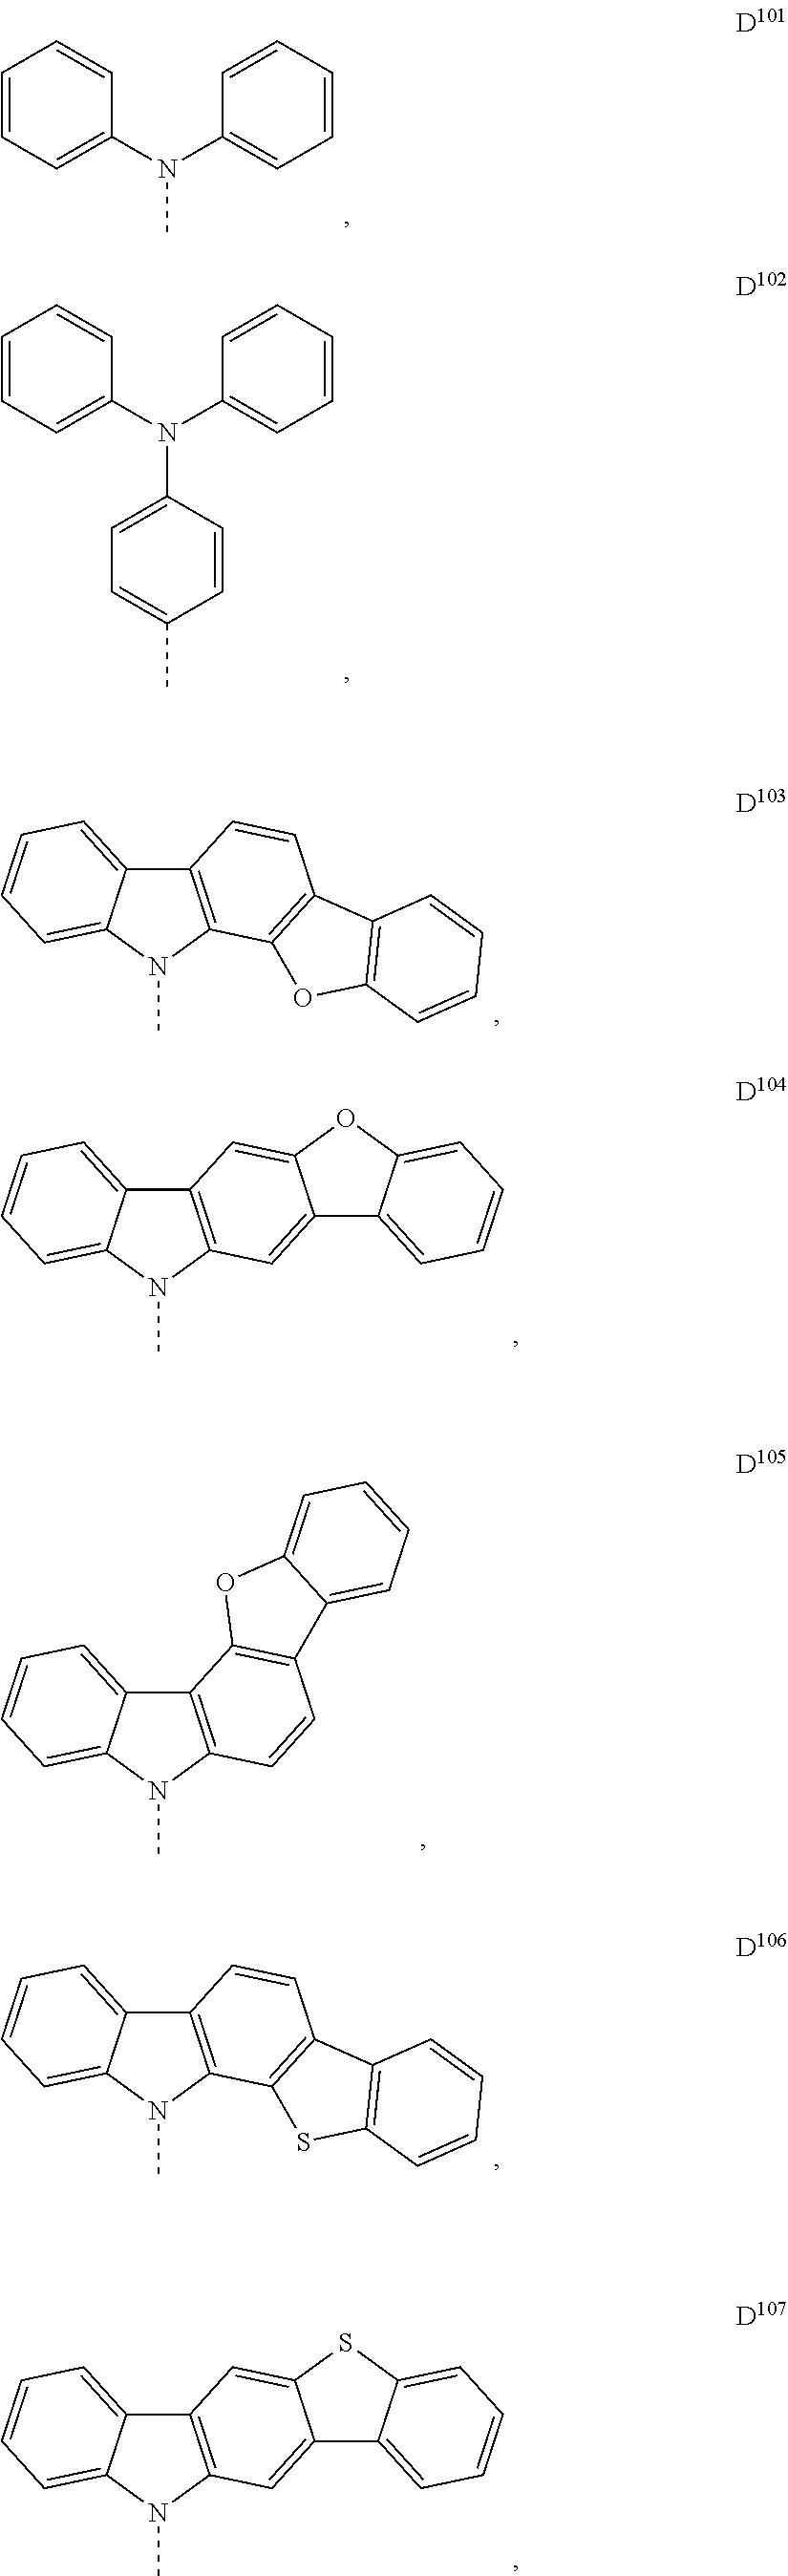 Figure US09209411-20151208-C00030